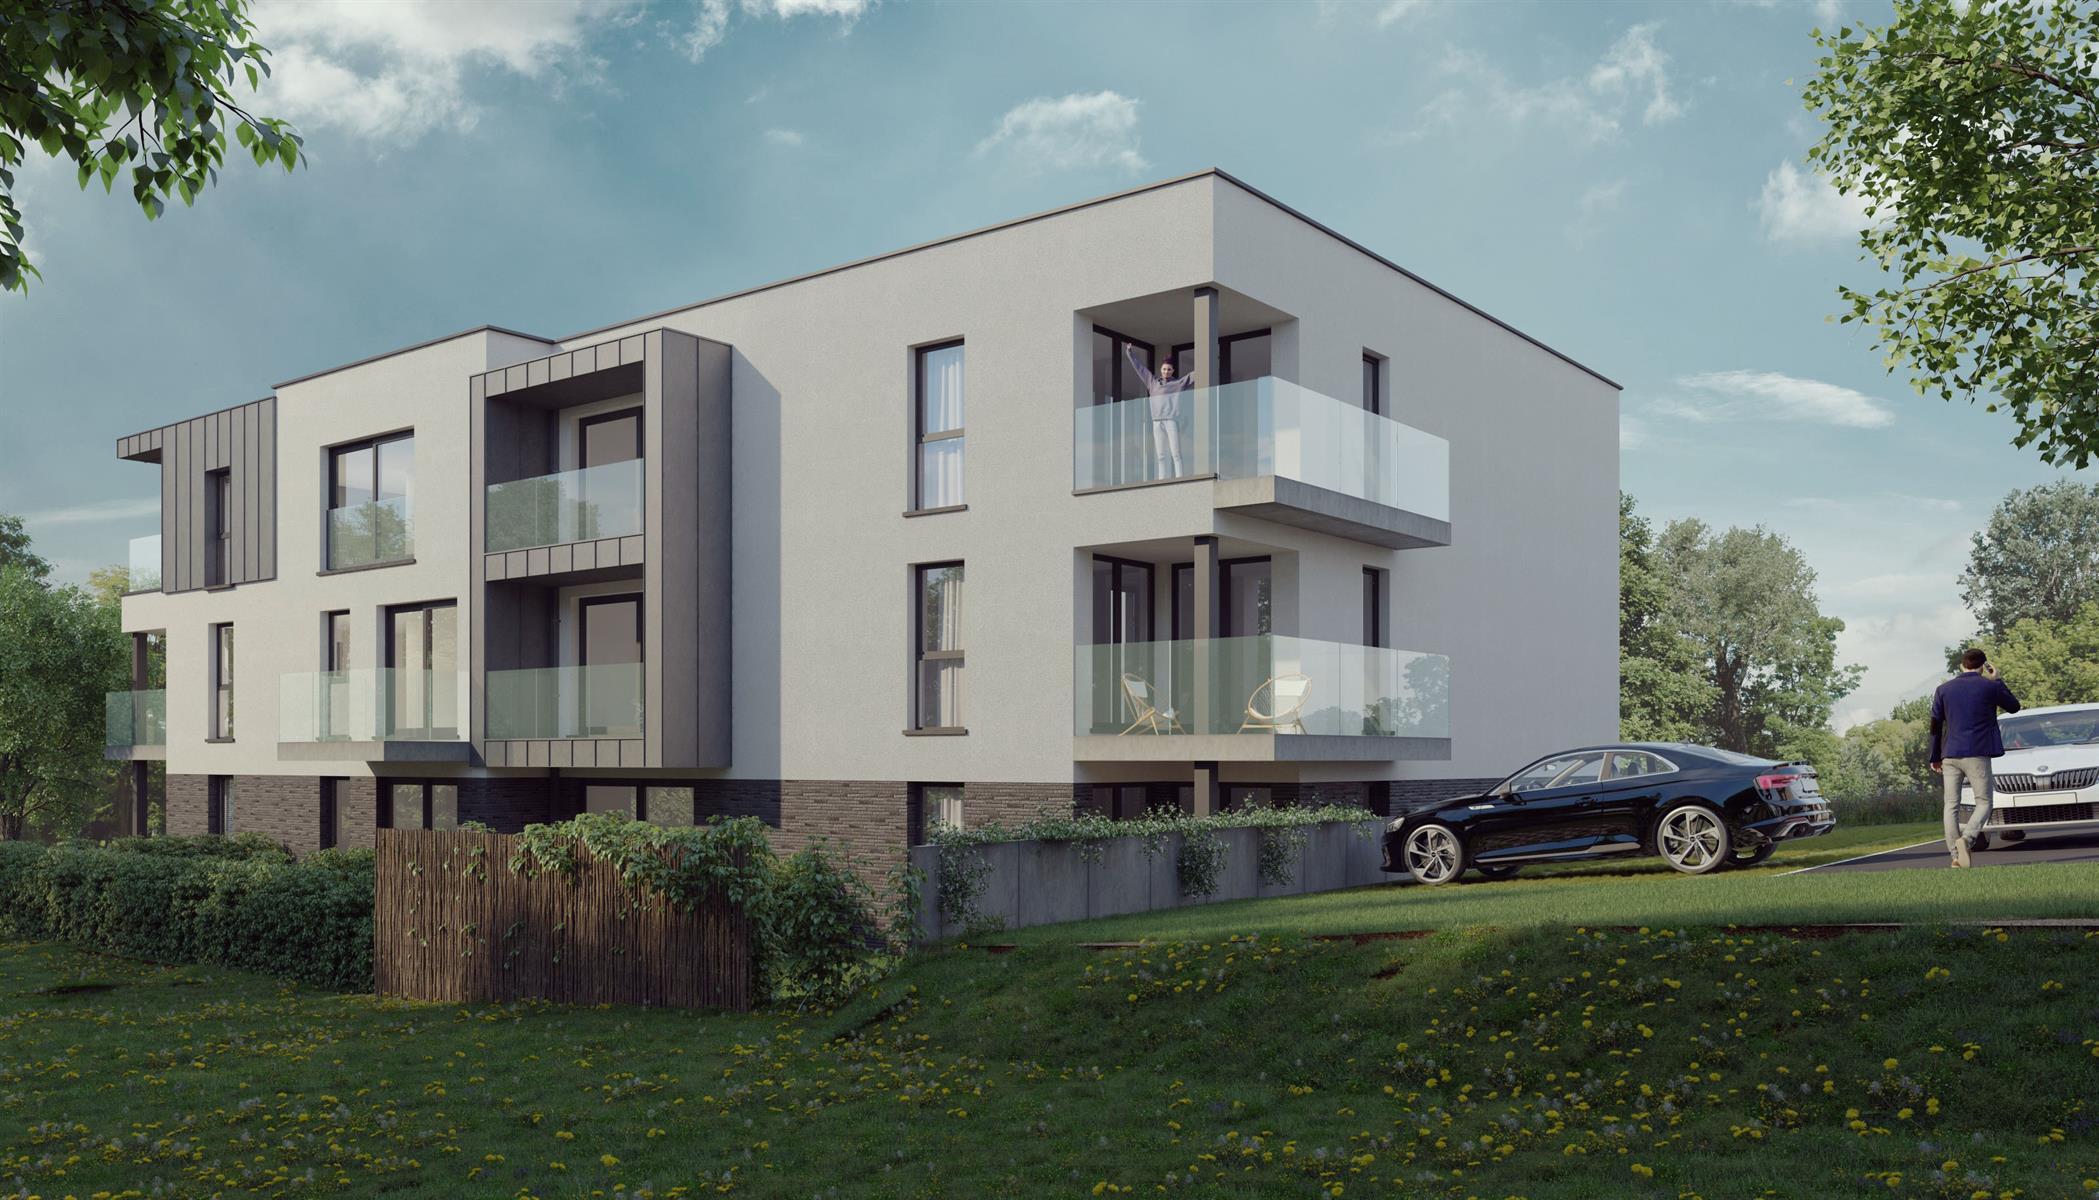 Ground floor with garden - Flemalle - #4197040-45